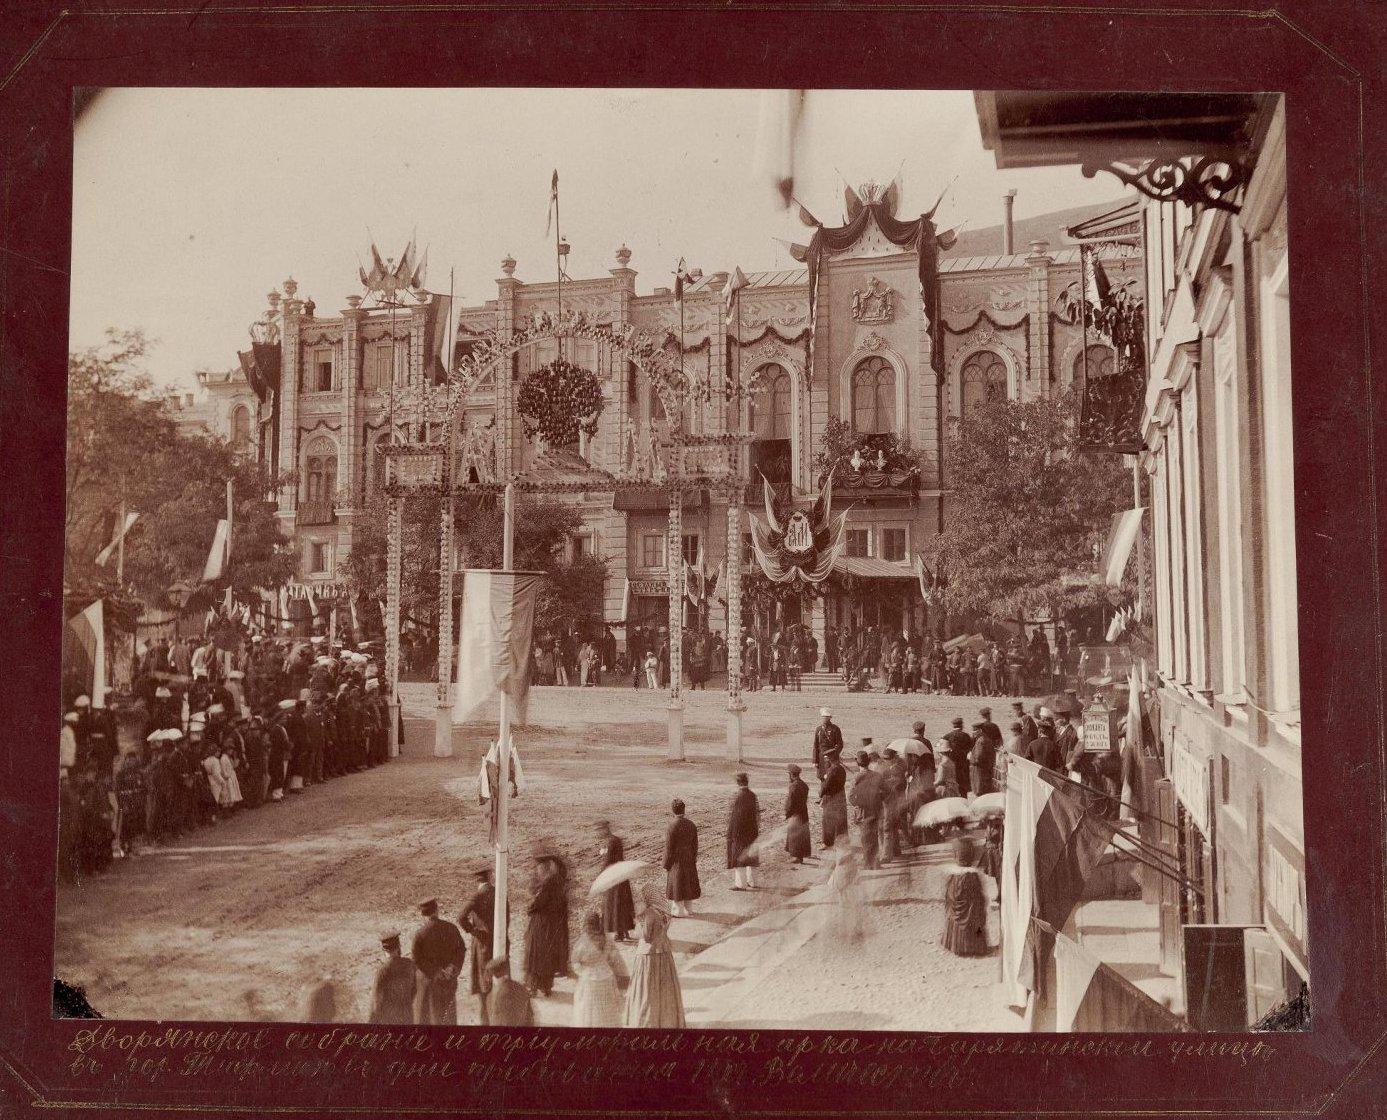 Триумфальная арка на Барятинской улице у Дворянского собрания в дни пребывания императора Александра III. 1888